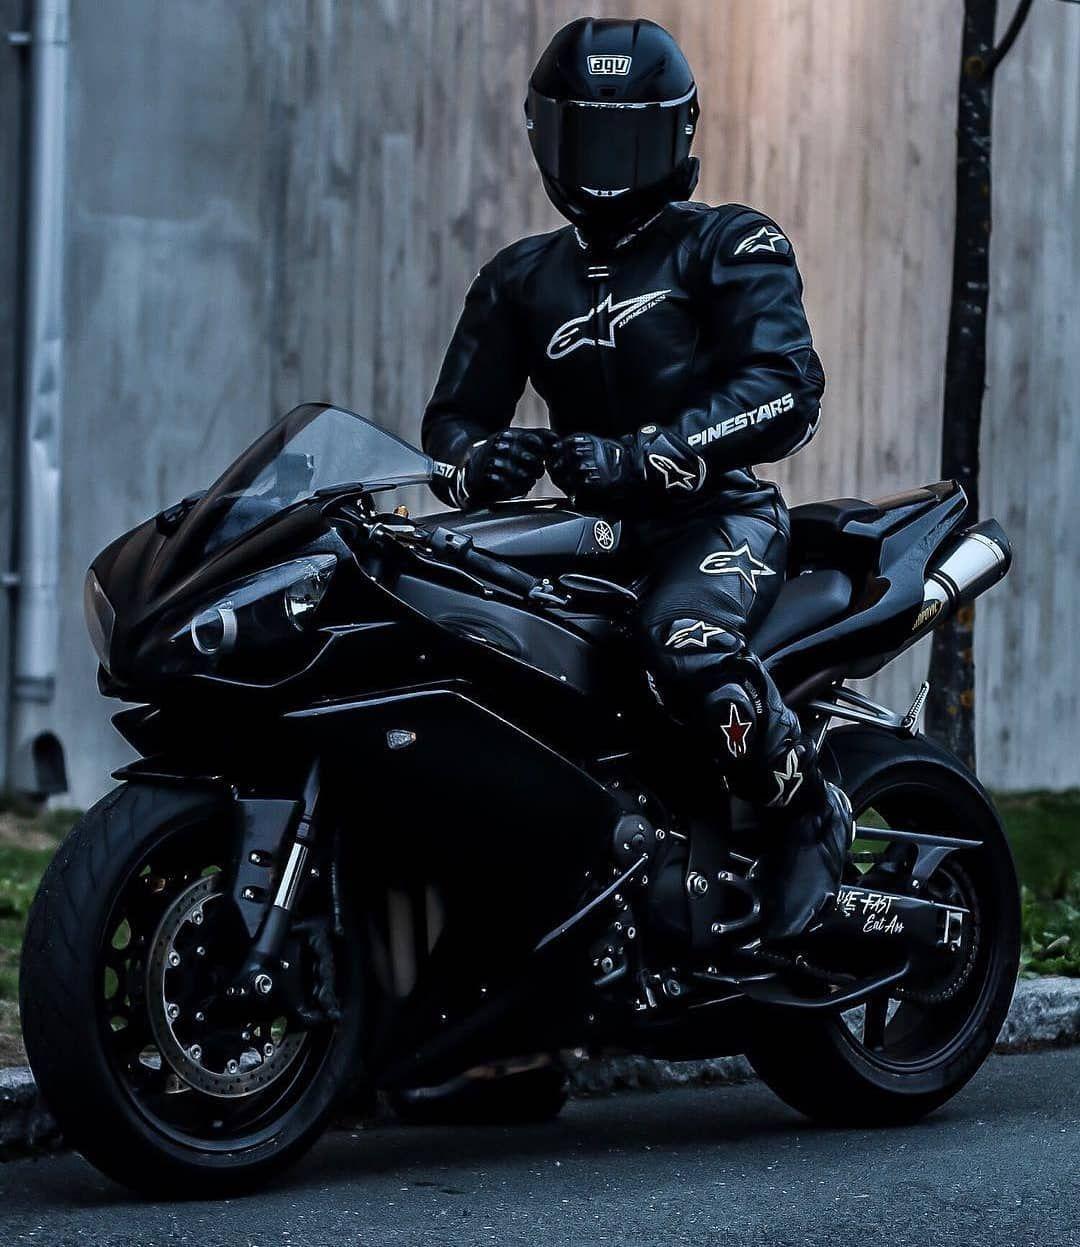 Картинка мотоцикл и байкер